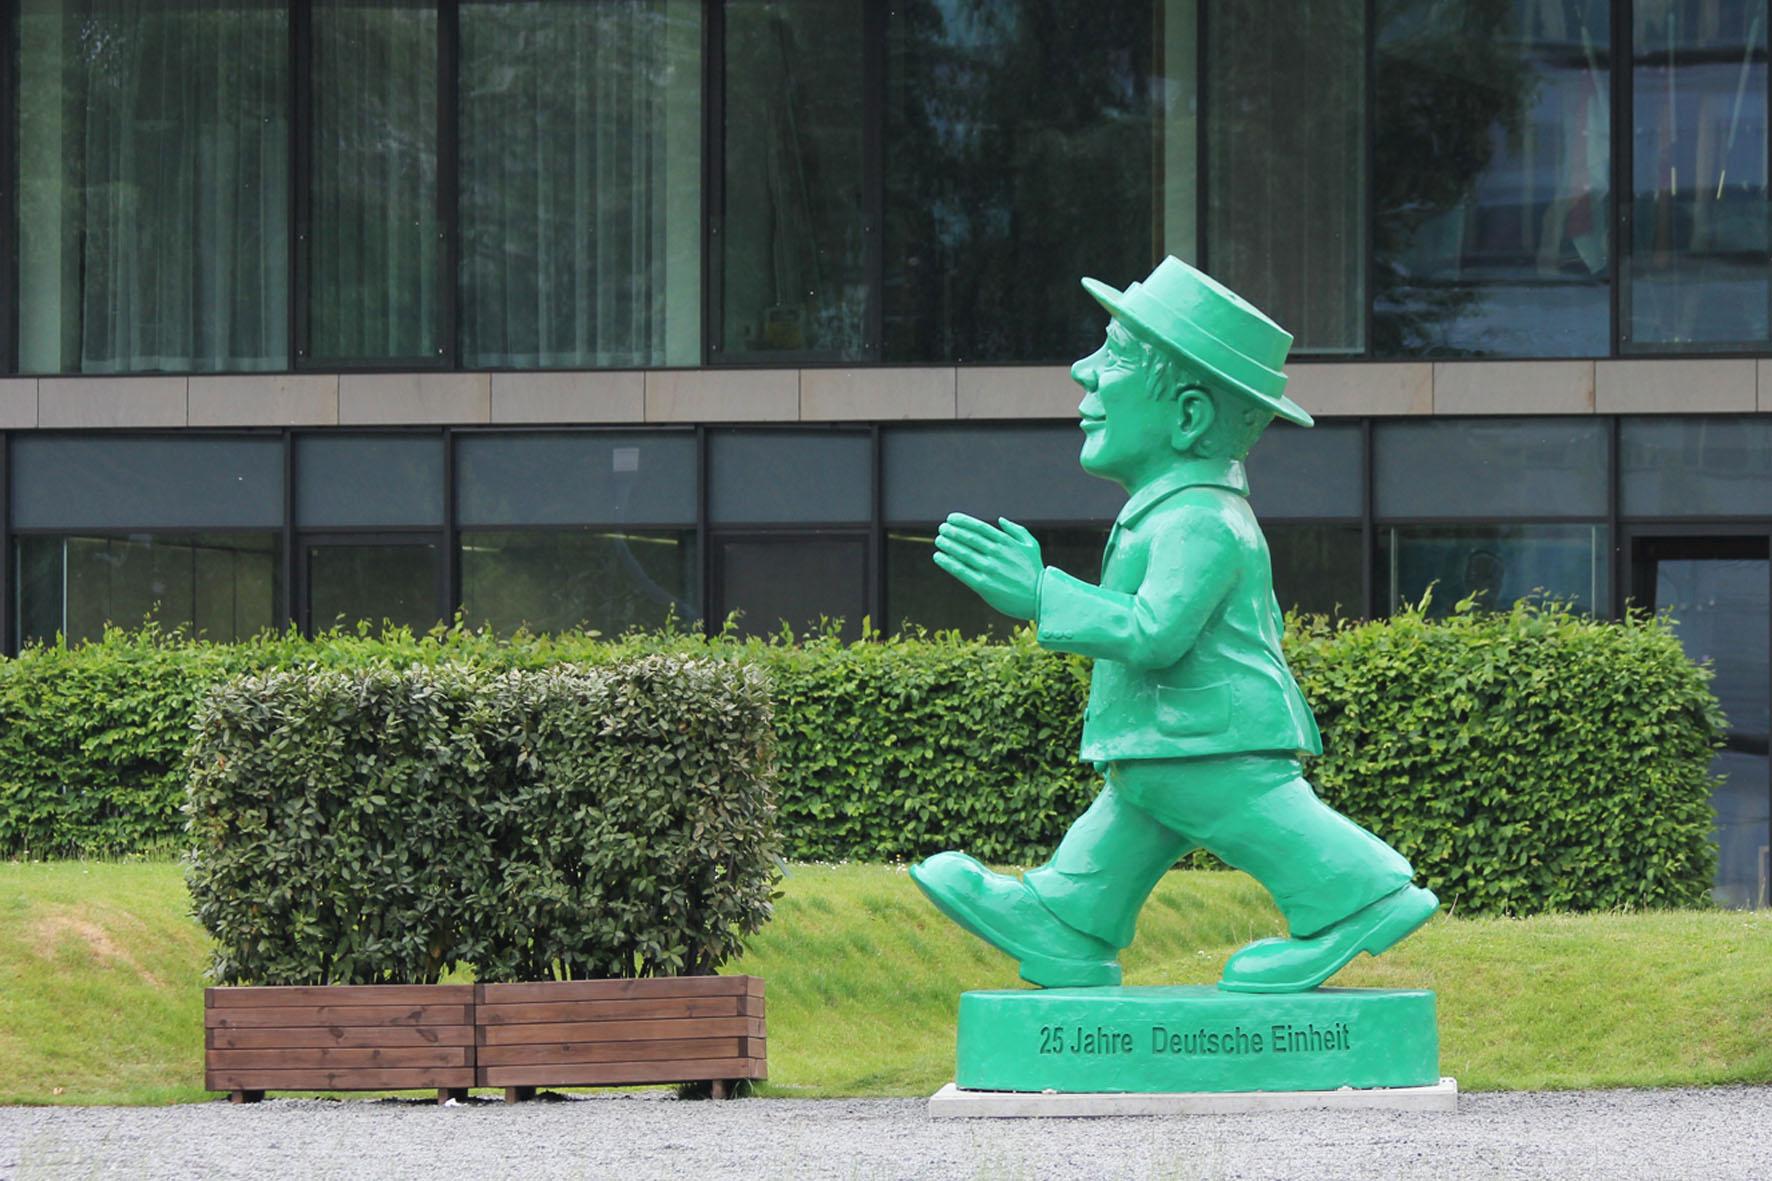 Die riesige Ampelmann Statue von Ottmar Hörl für das 25-jährige Jubiläum der deutschen Wiedervereinigung vor der Hessischen Landesvertretung in Berlin beim schreiten gesehen